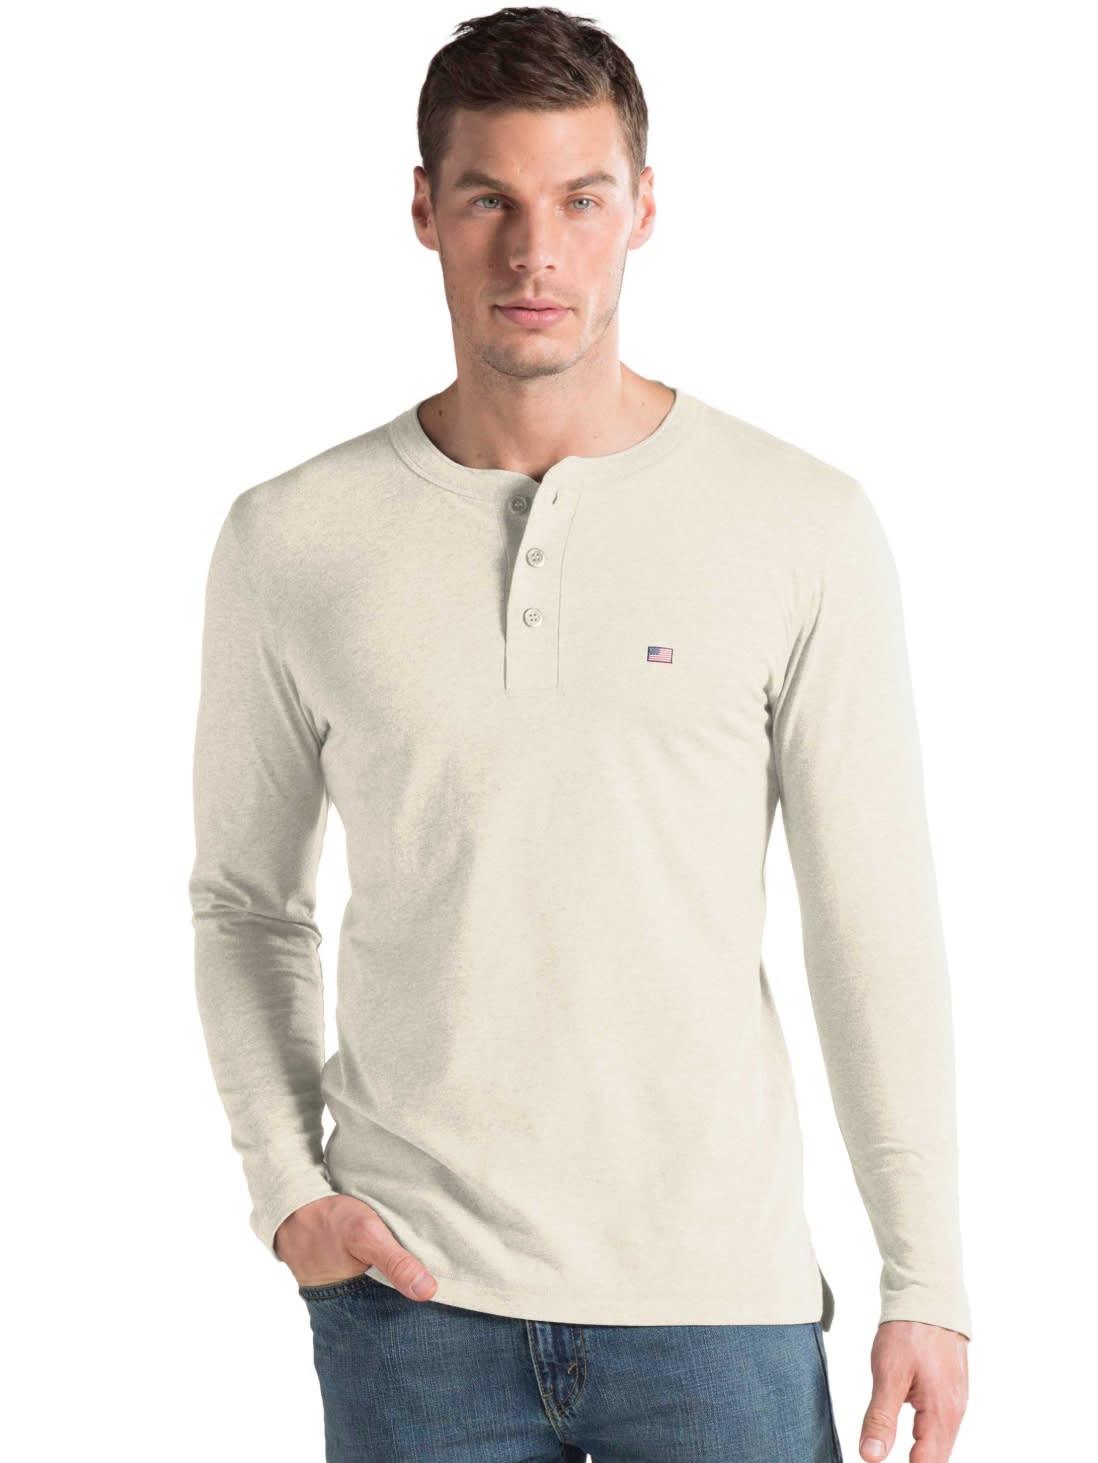 Jockey India - Cream Melange Long Sleeve T-Shirt   T-Shirt for Men